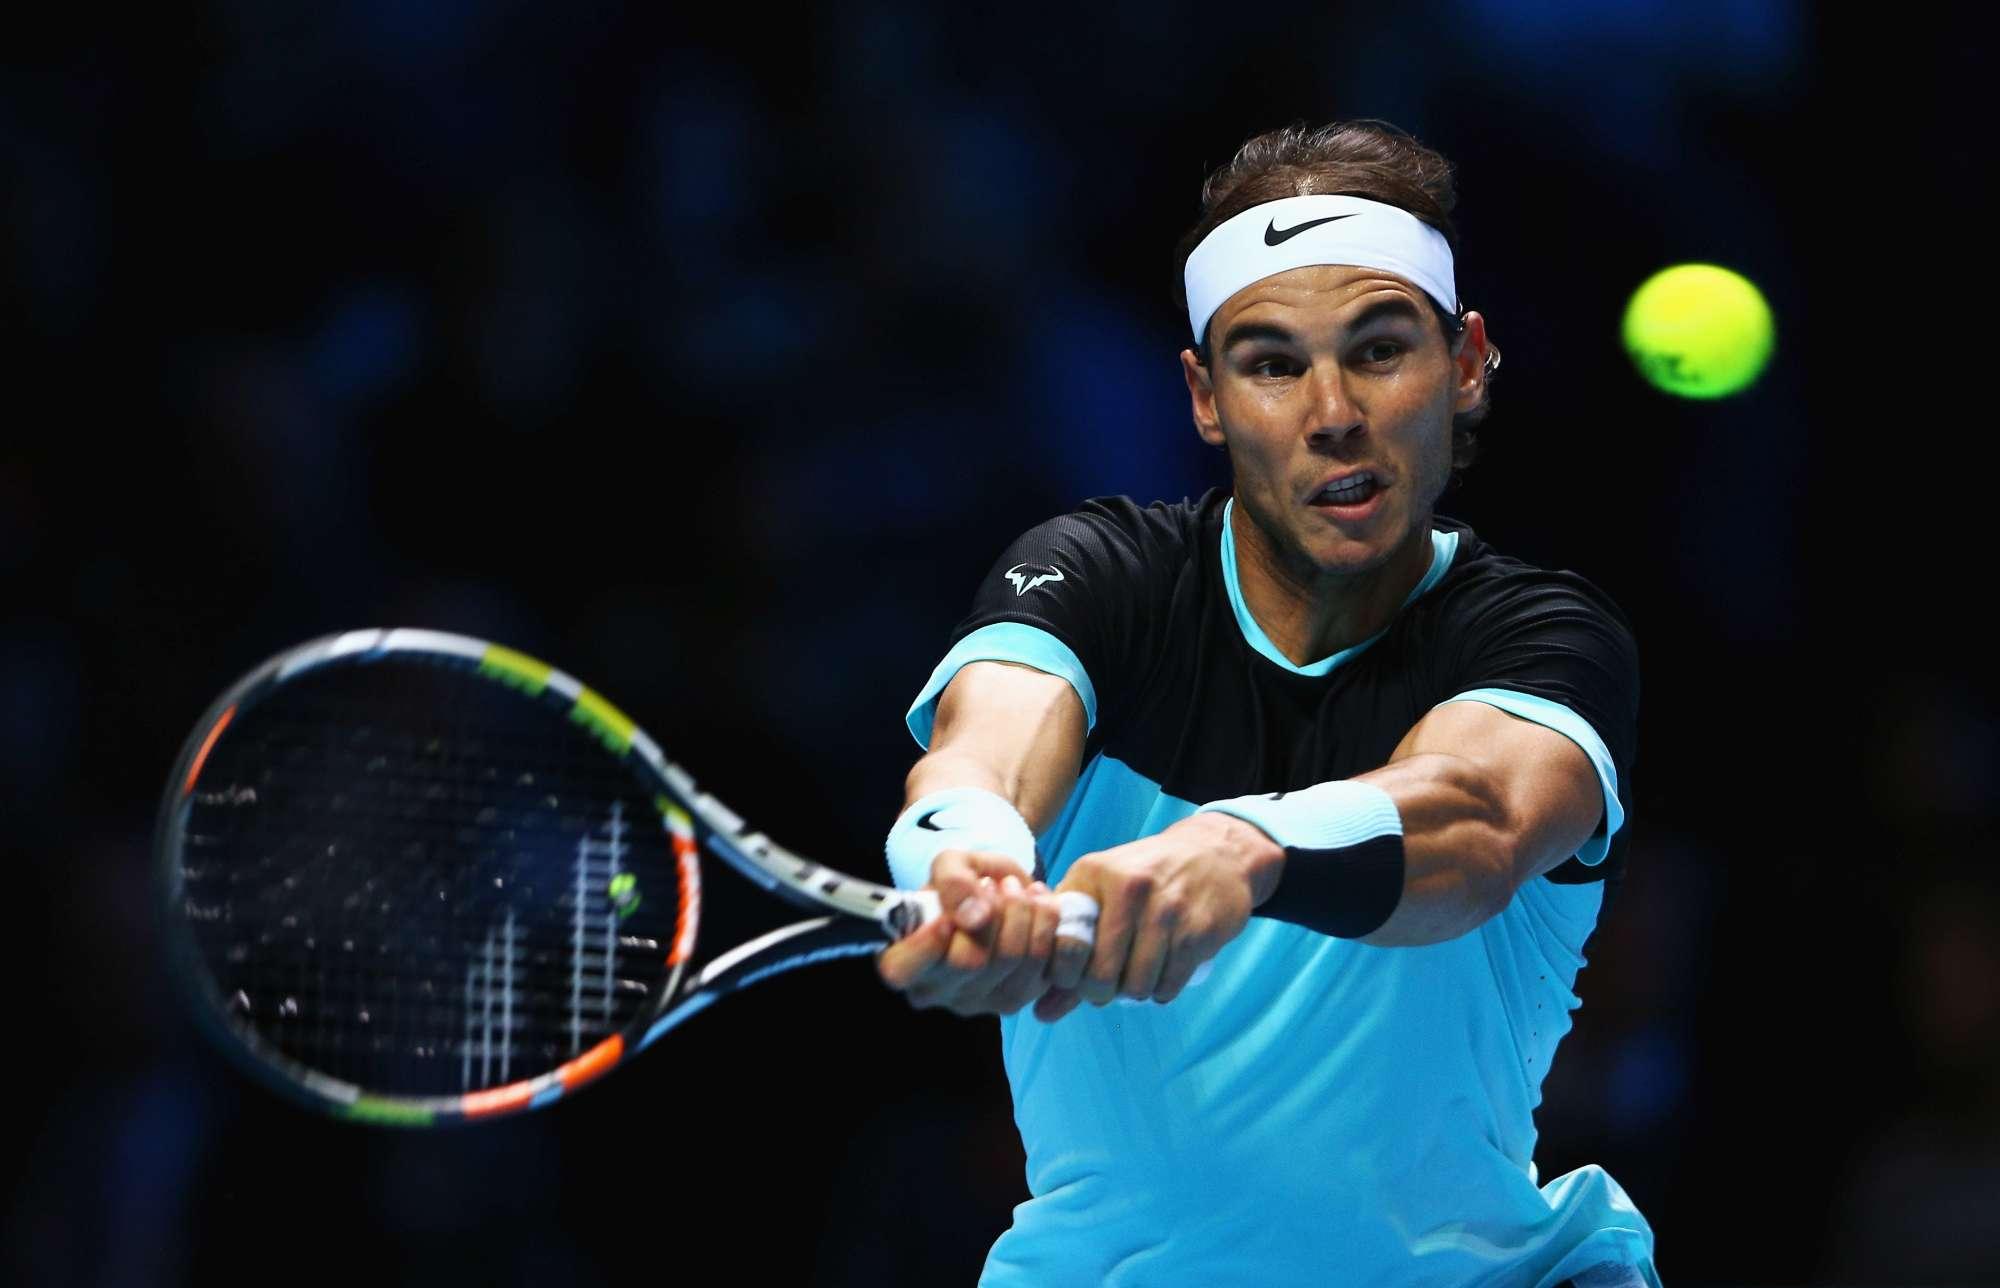 Rafael Nadal, mai più una finale dopo quella del 2014 contro Wawrinka